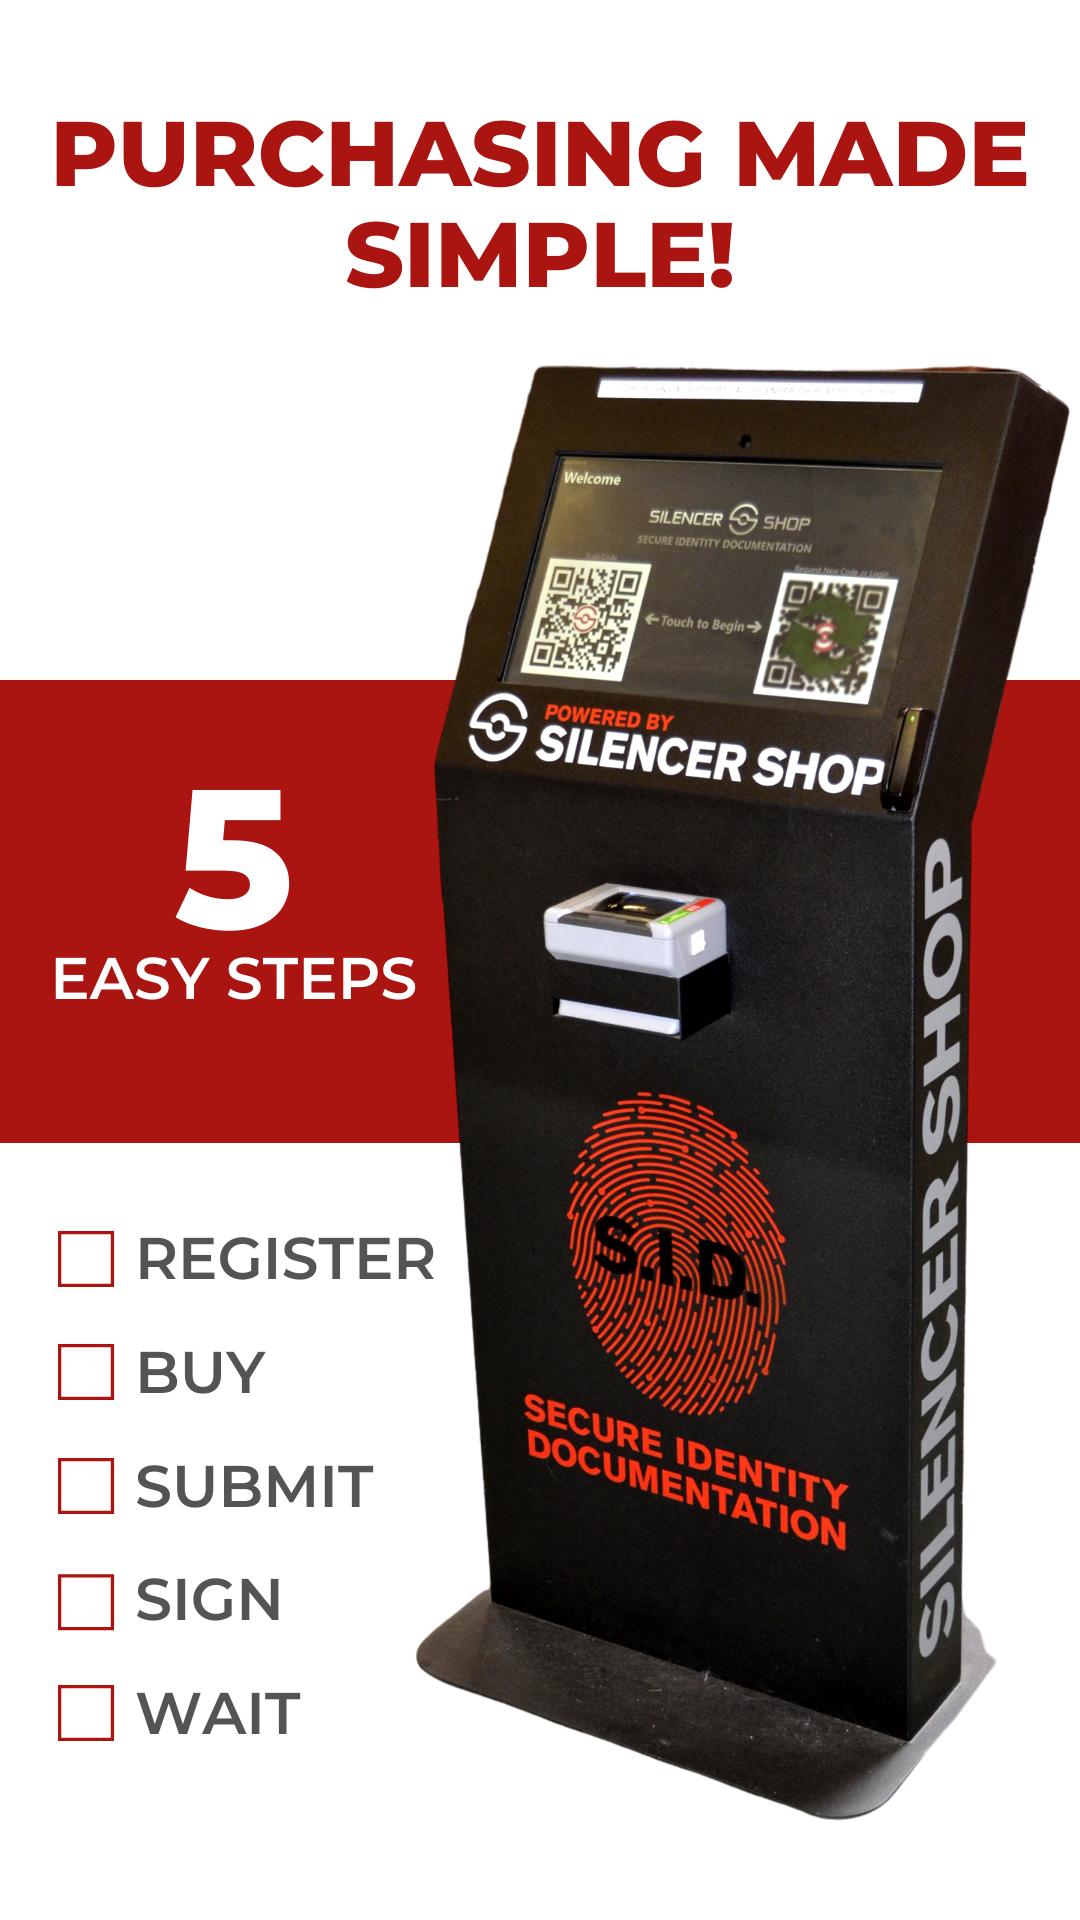 silencer-shop-kiosk.png